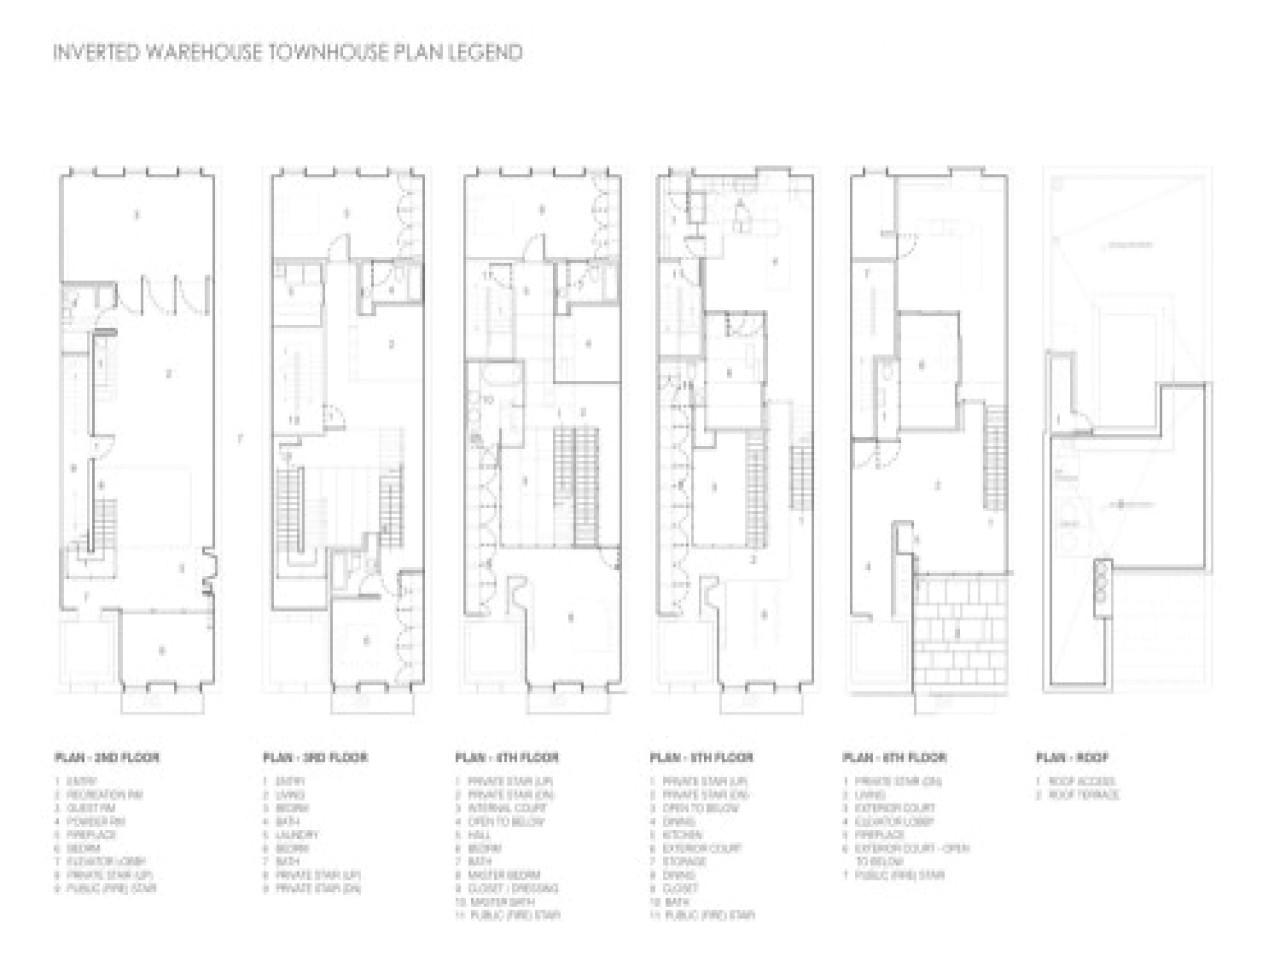 d826200e24aae937 upside down floor plans upside down house plans